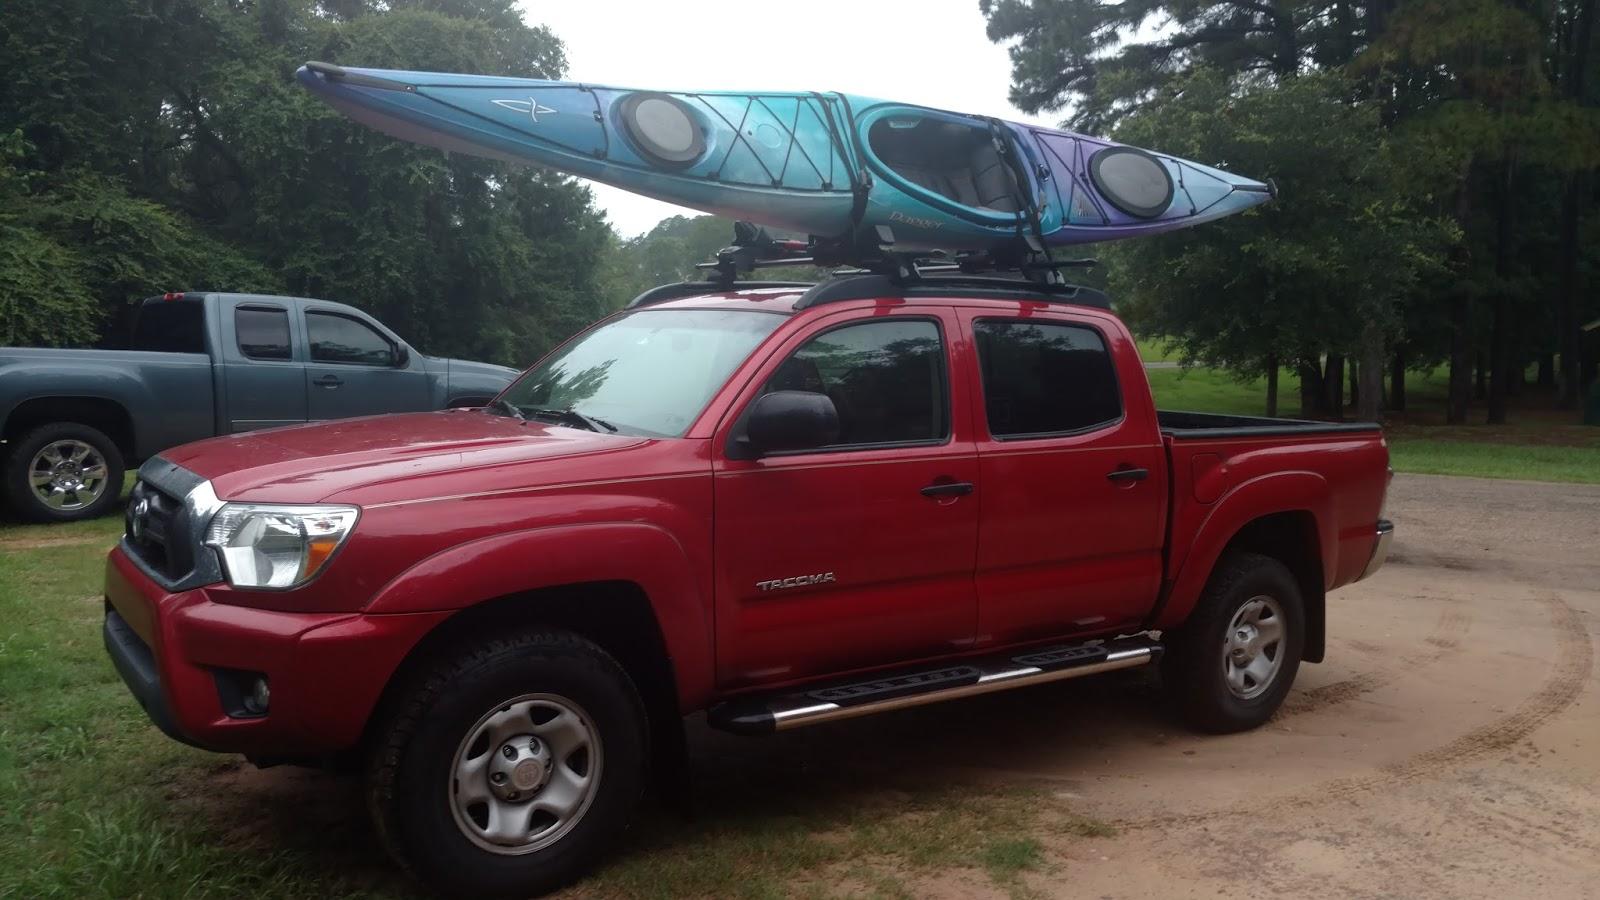 jaylow kayak carrier on a toyota tacoma